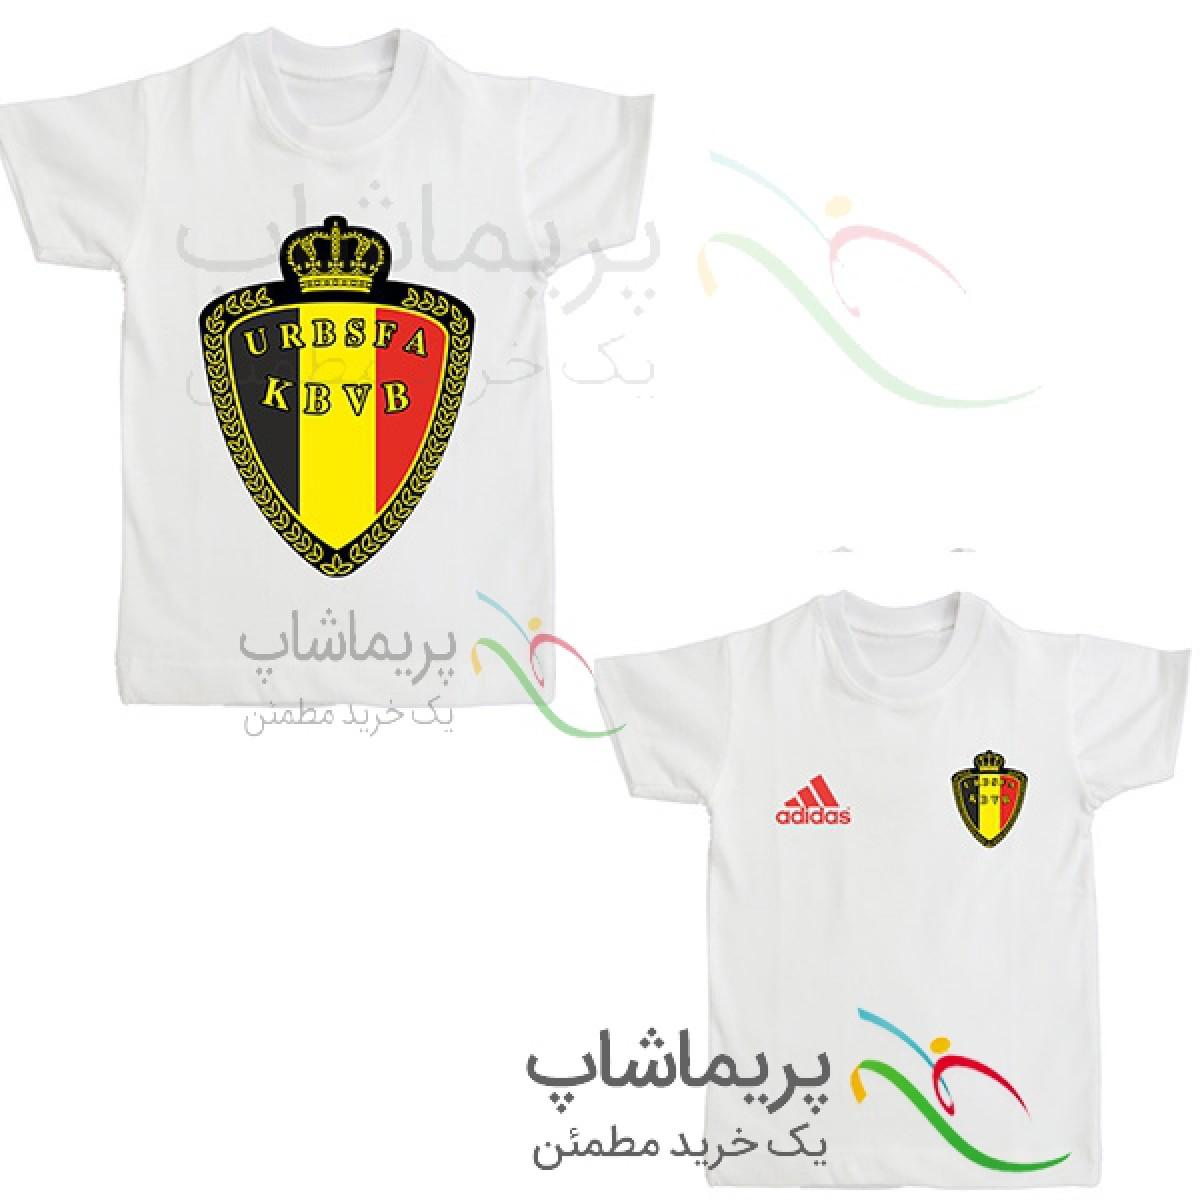 لباس هواداری بلژیک  بچه گانه